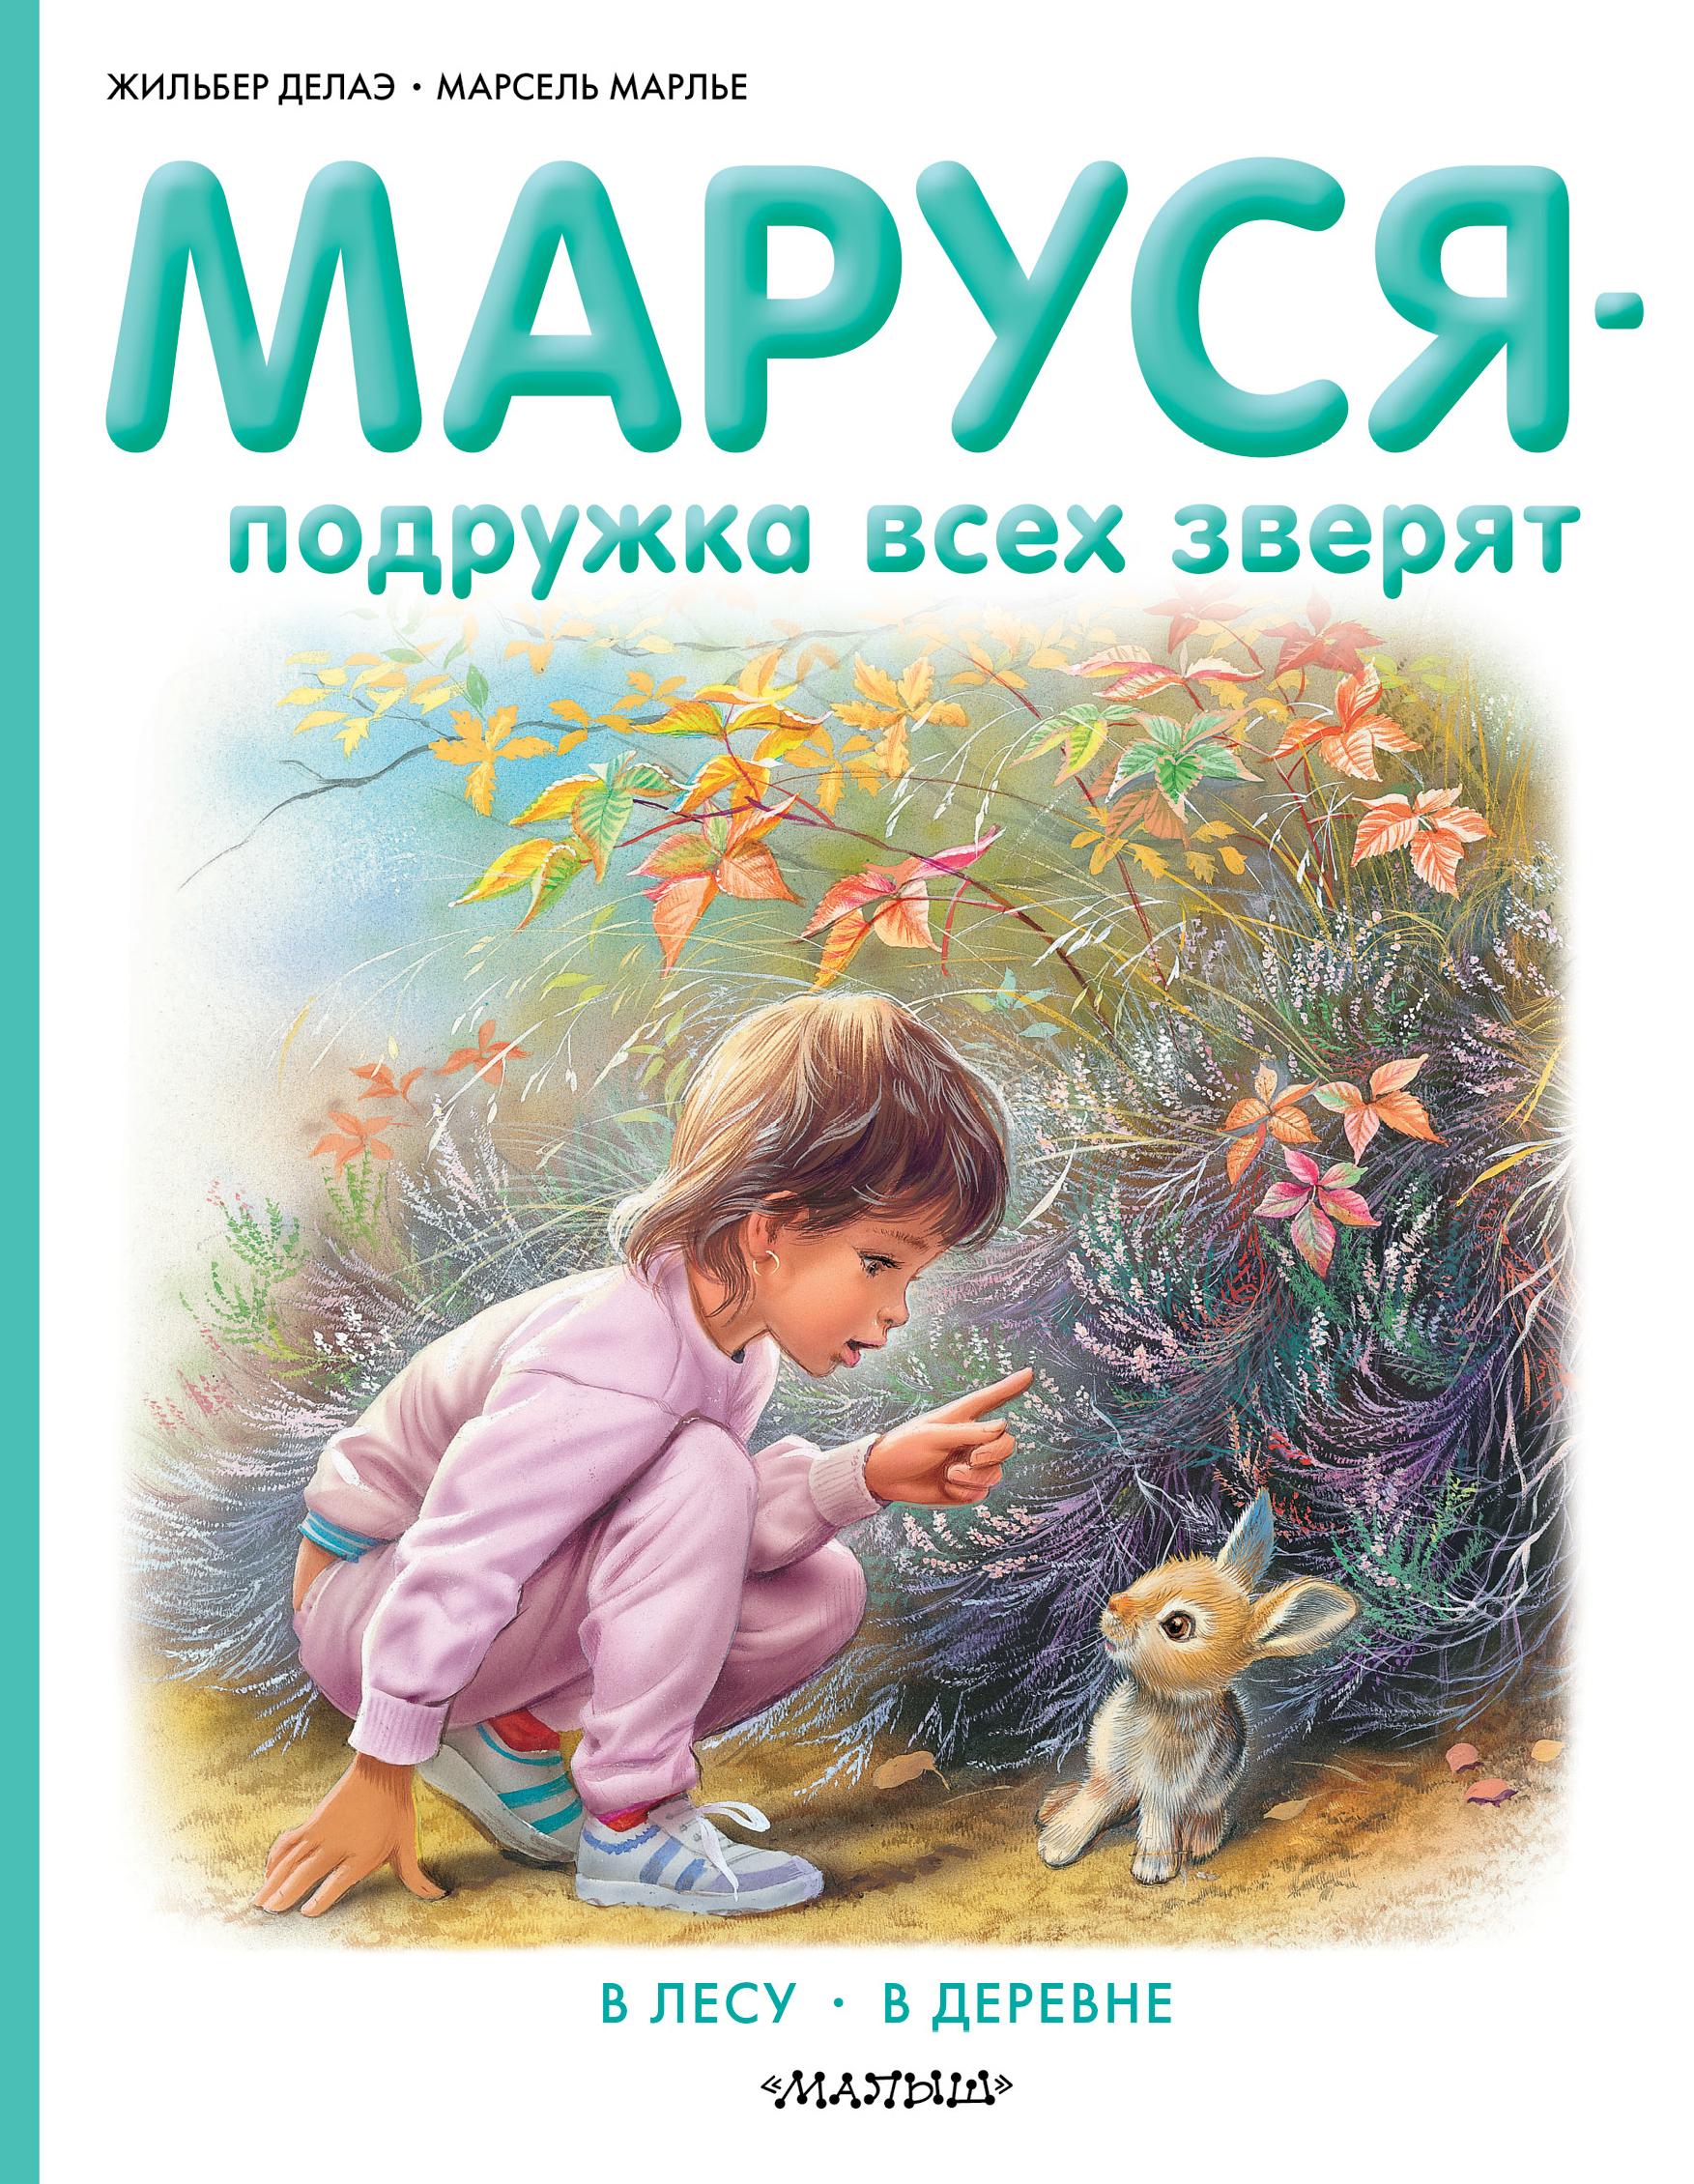 Купить Маруся - подружка всех зверят. В лесу. В деревне,